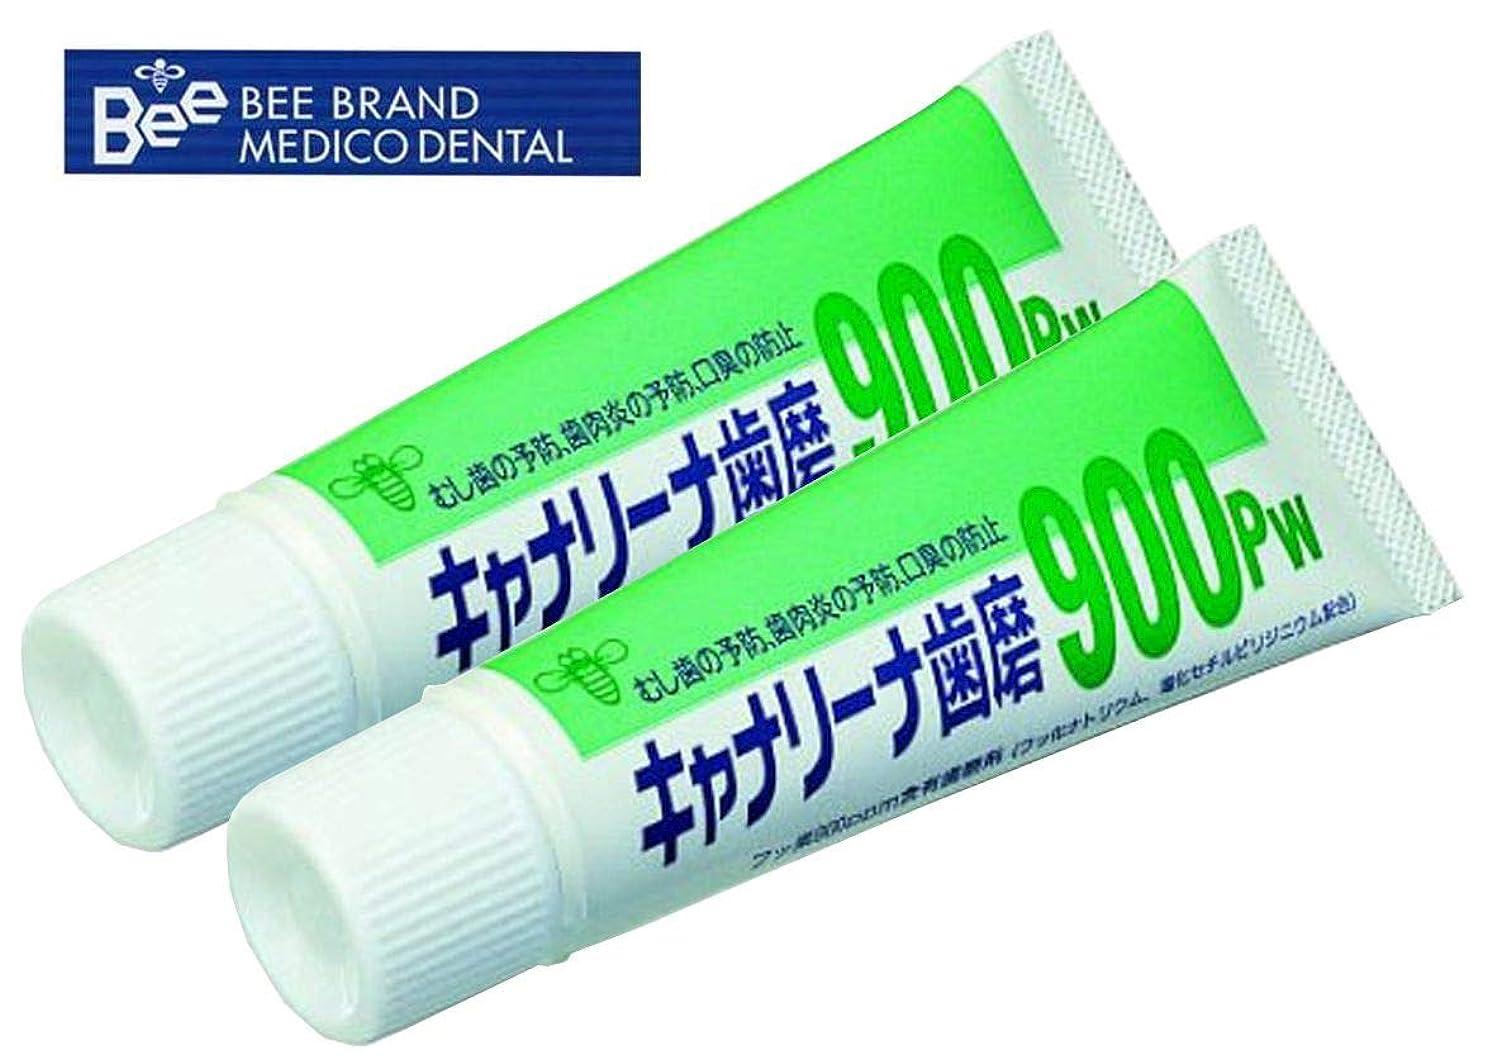 ベックス災害ステレオビーブランド(BeeBrand) キャナリーナ 歯磨 900Pw × 2本セット 医薬部外品